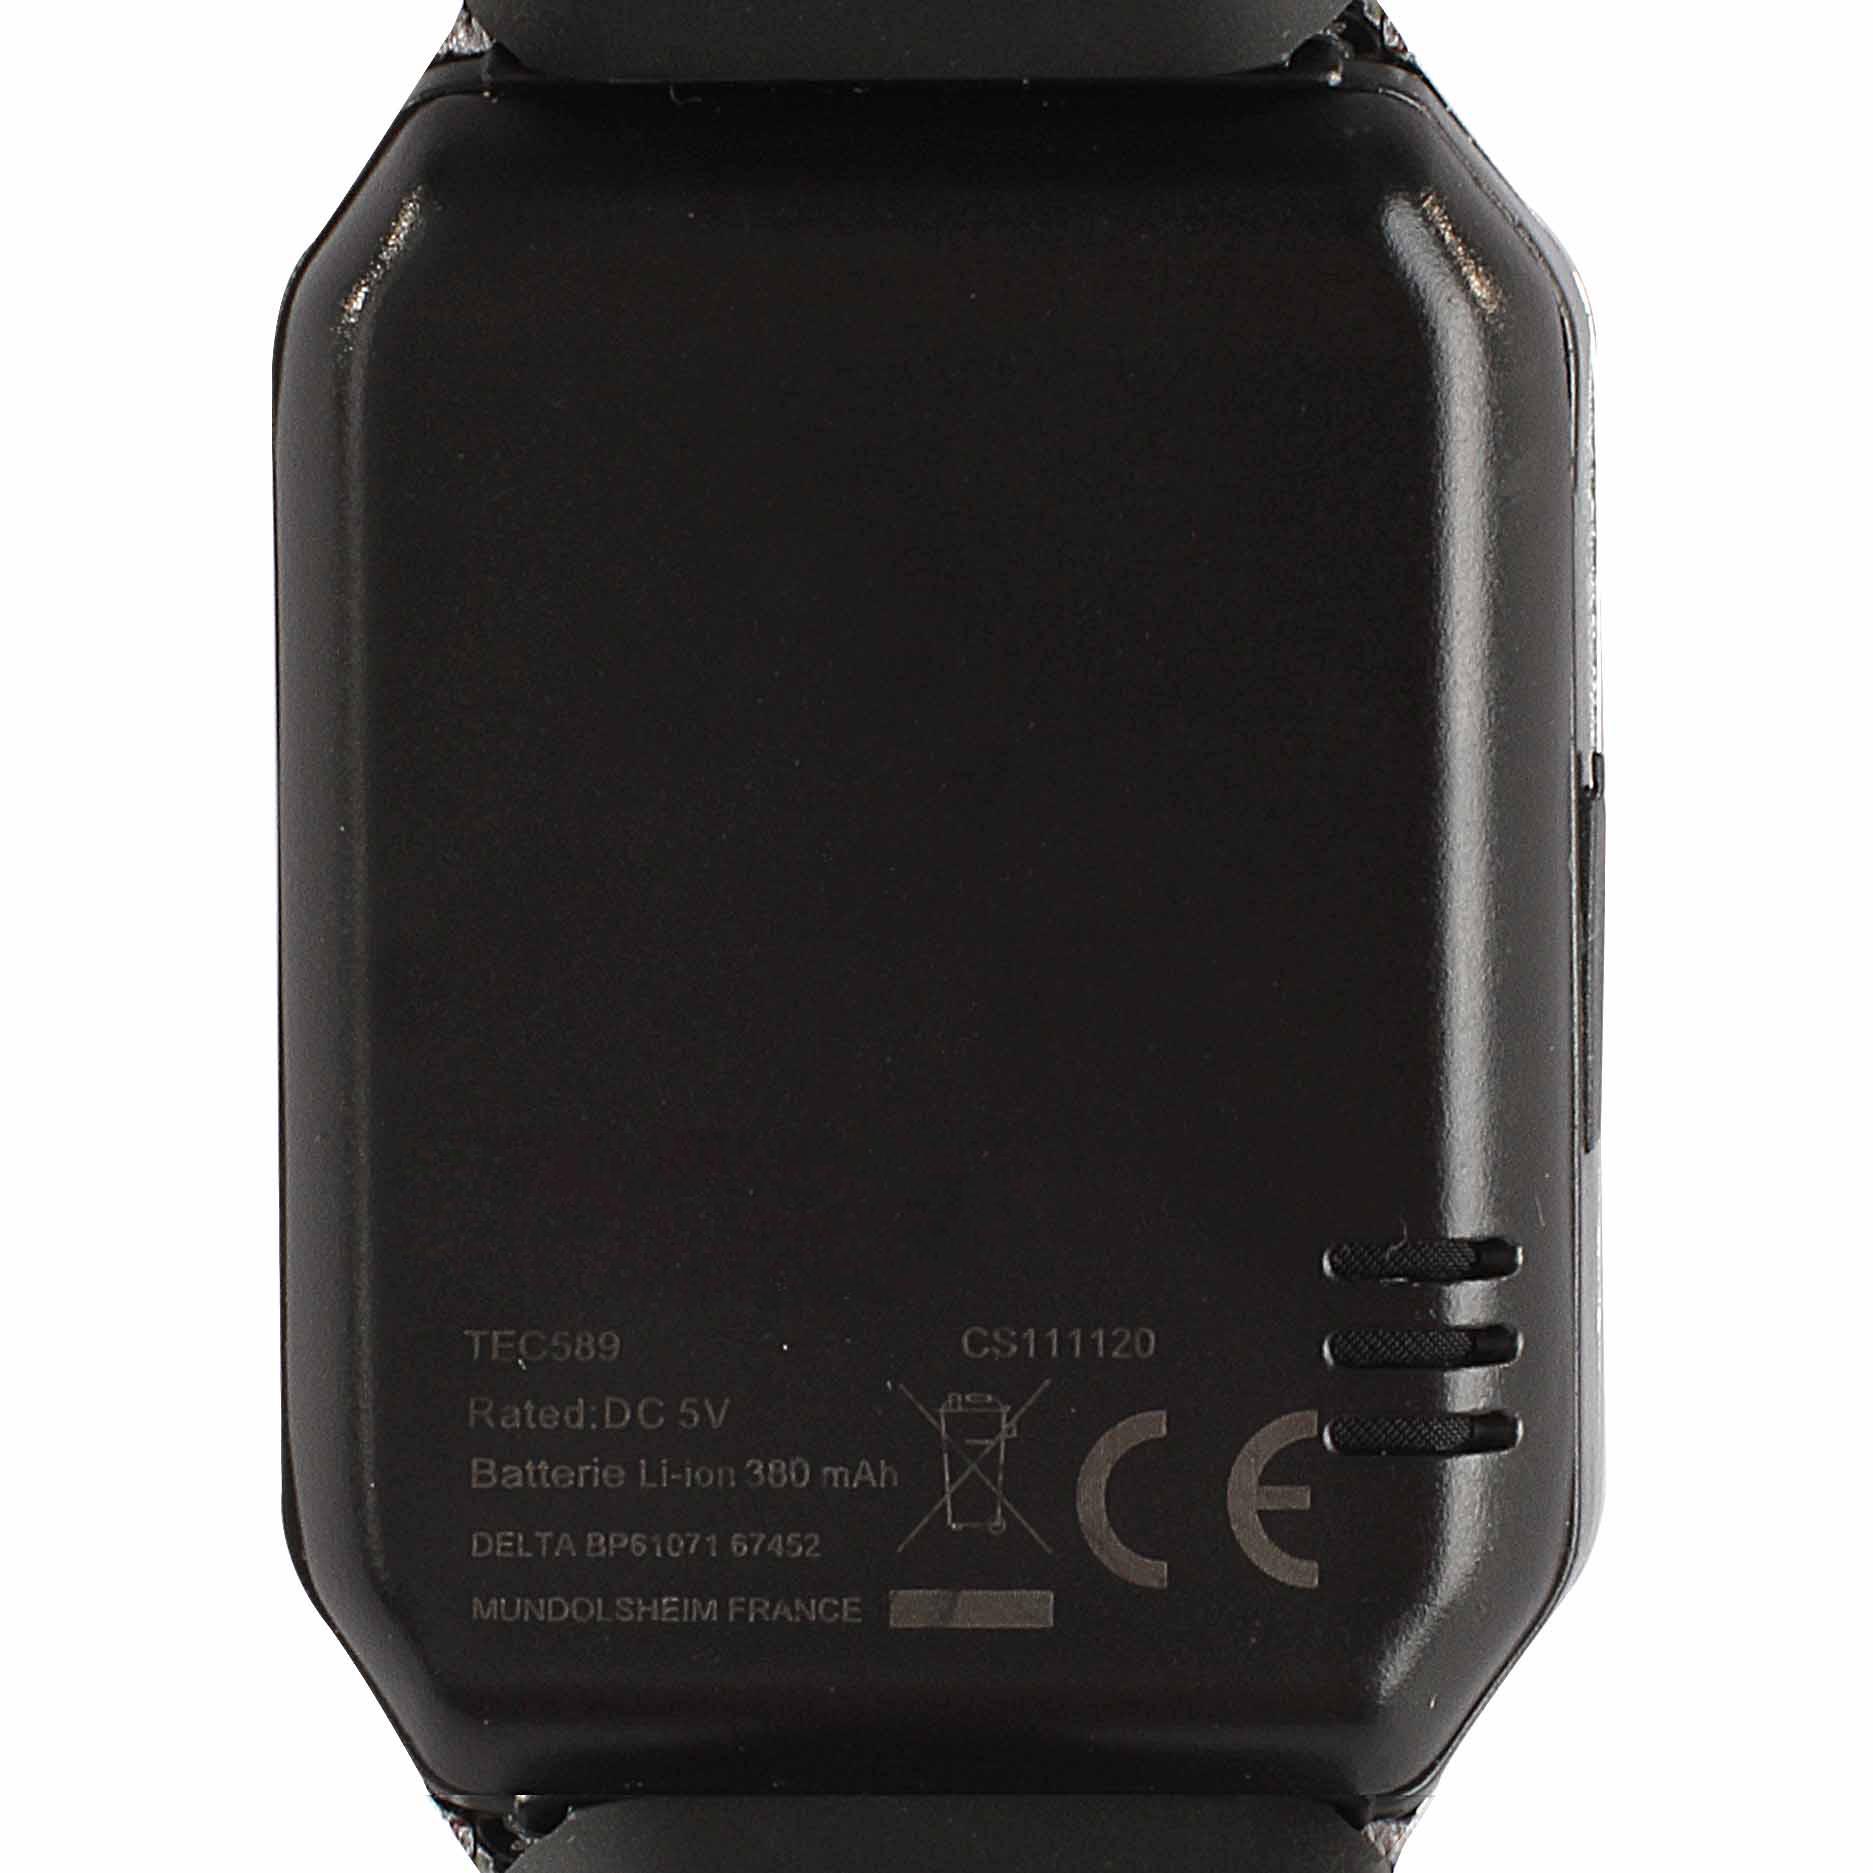 Montre connectée avec emplacement SIM - 30-1134-17